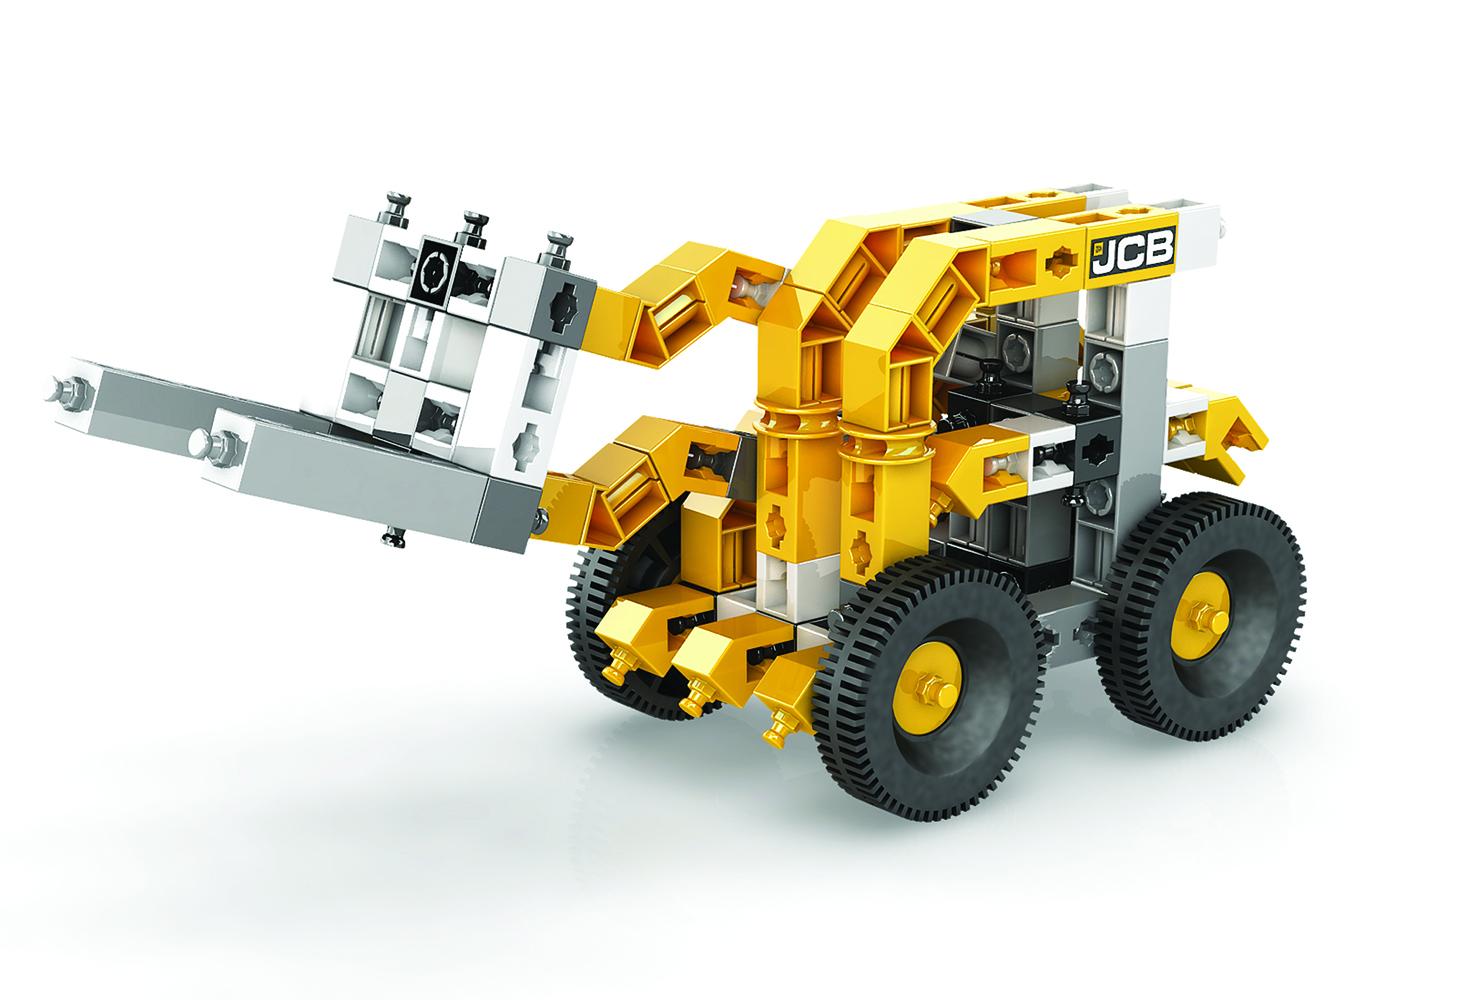 JCB Construction Series Tipper Truck